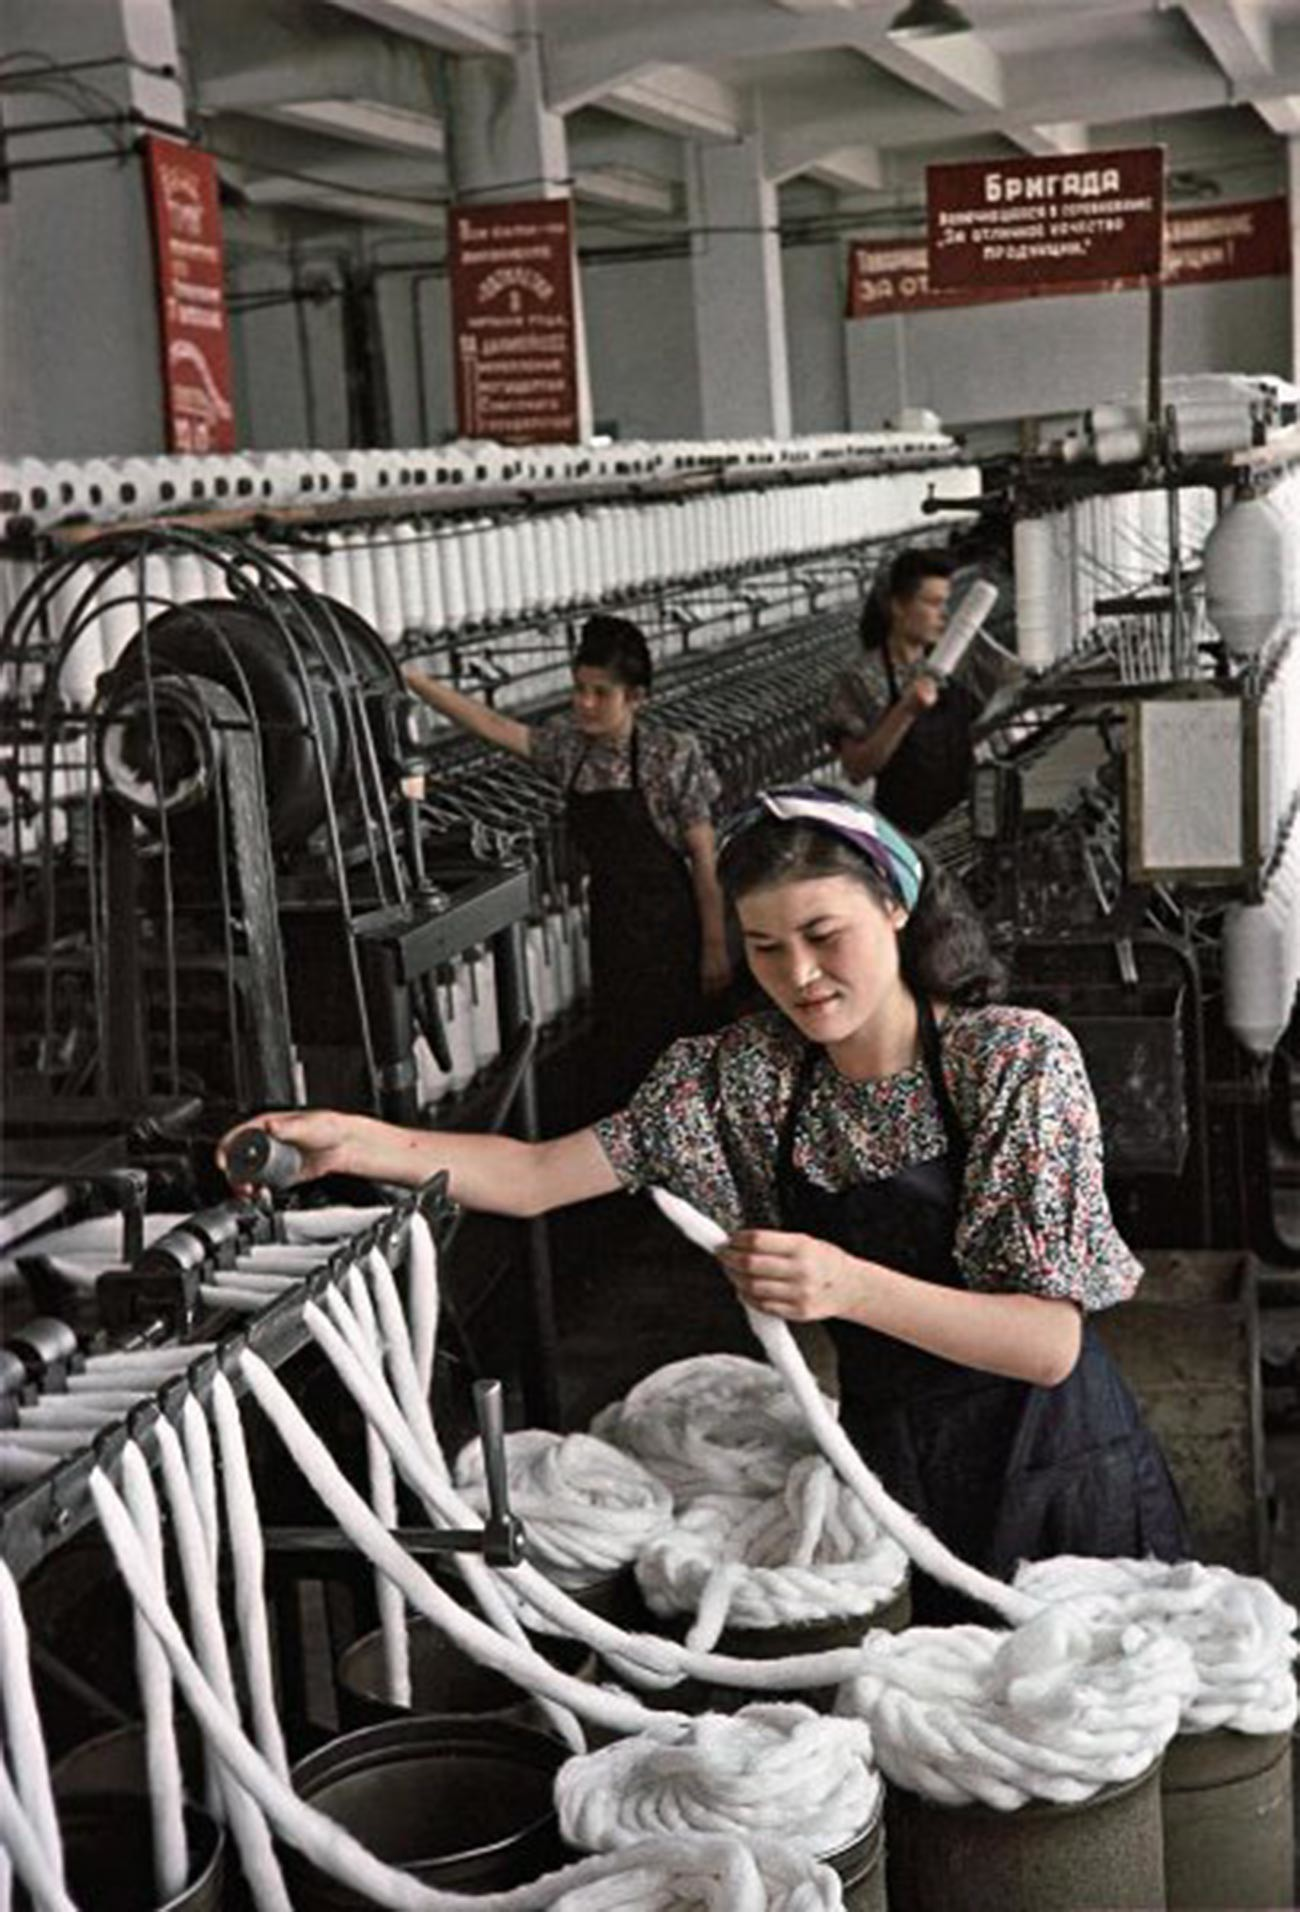 アルマトイ綿紡績工場準備部門の紐製造スタハノフ運動者、マリア・ナシリバエワ。彼女は孤児院の保母でもあった。班の友人らとともに、ノルマを200パーセント上回った。「オゴニョーク」誌アーカイブ。1950年。